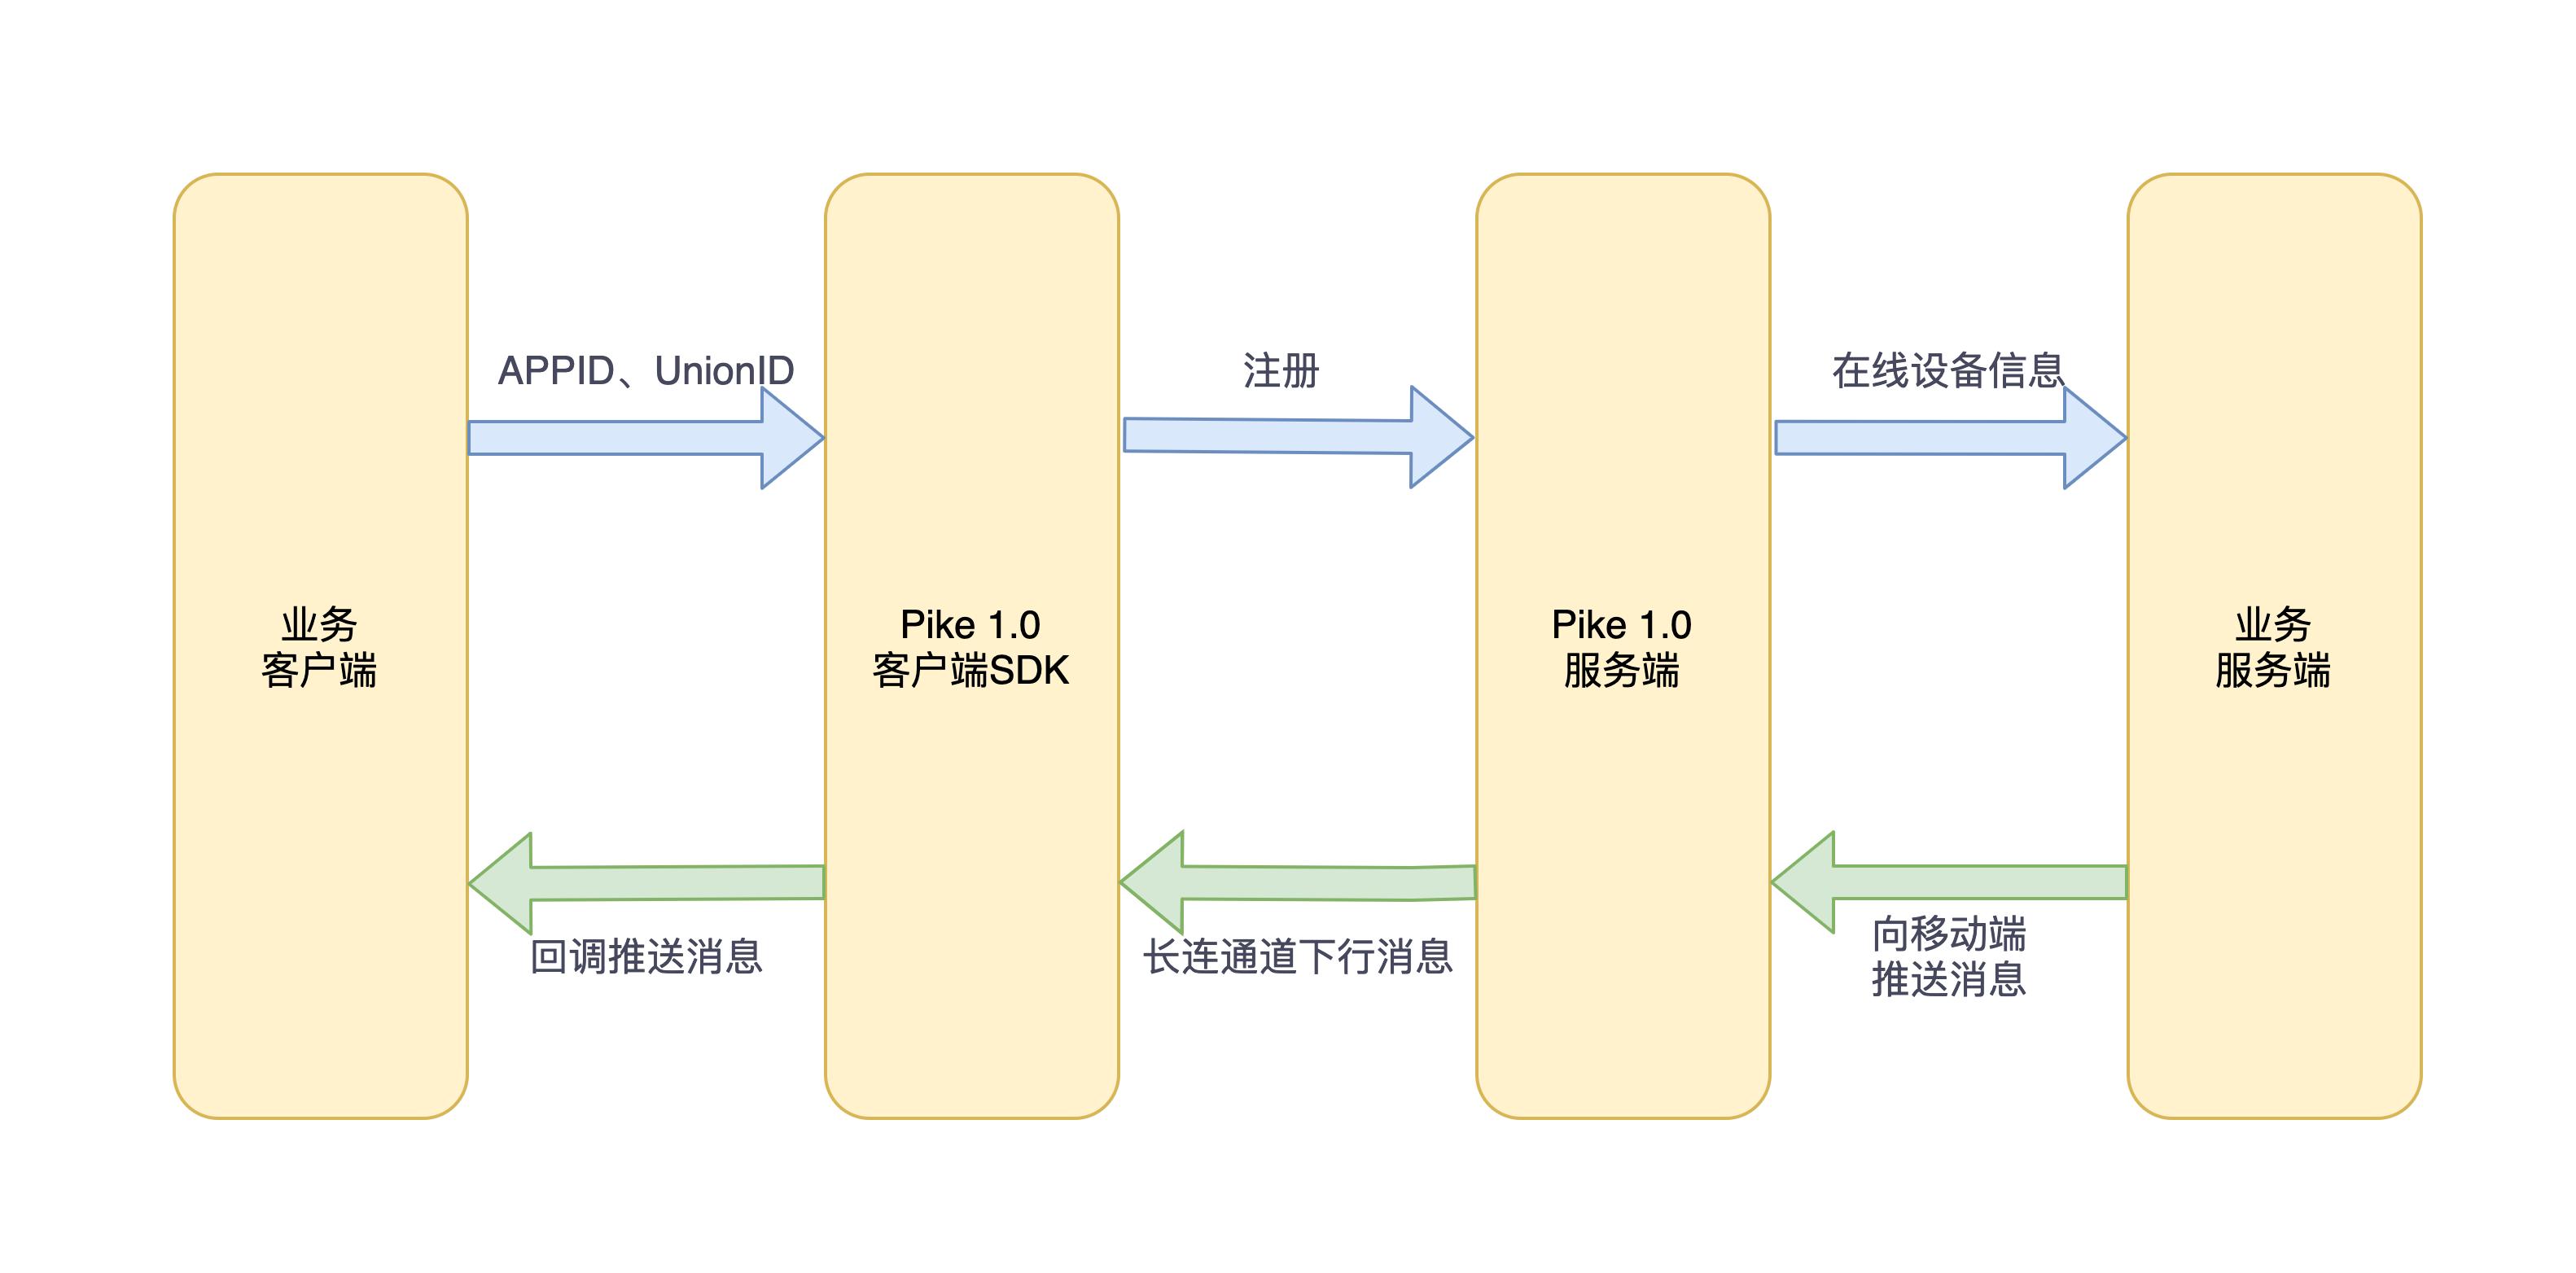 图1 Pike 1.0工作流程图